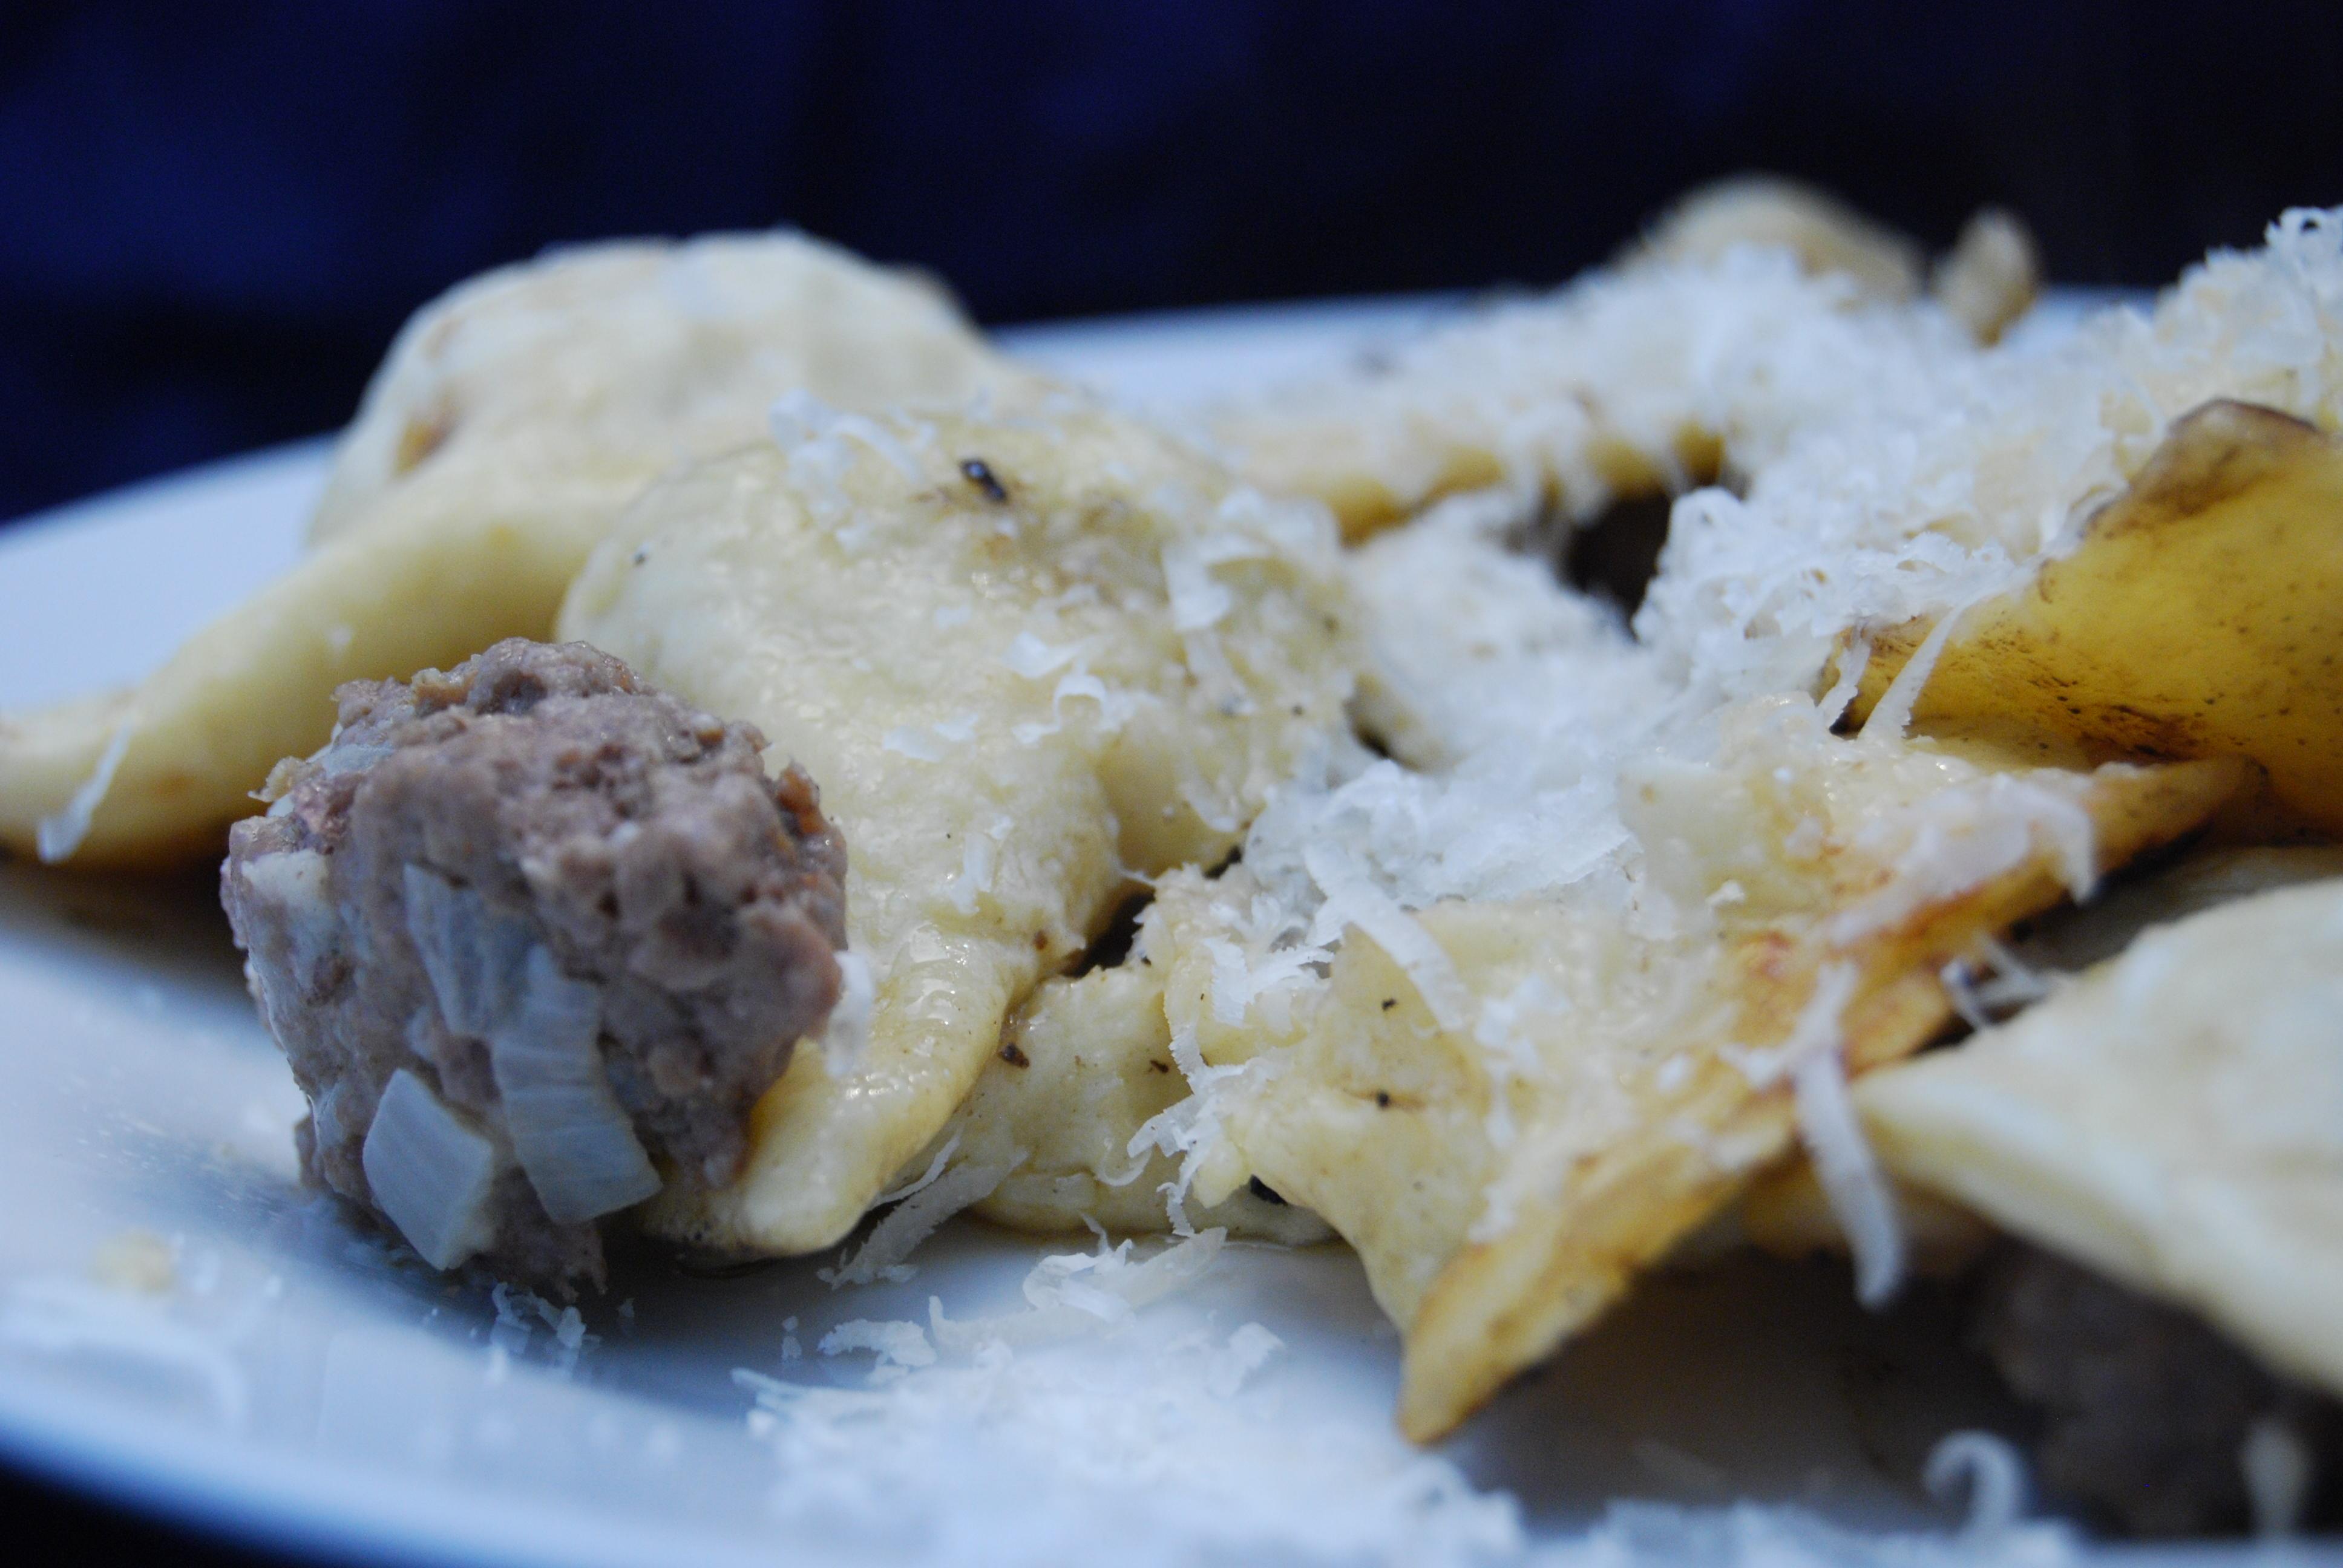 Frische Pasta, Teil 3: Geschmälzte Ravioli